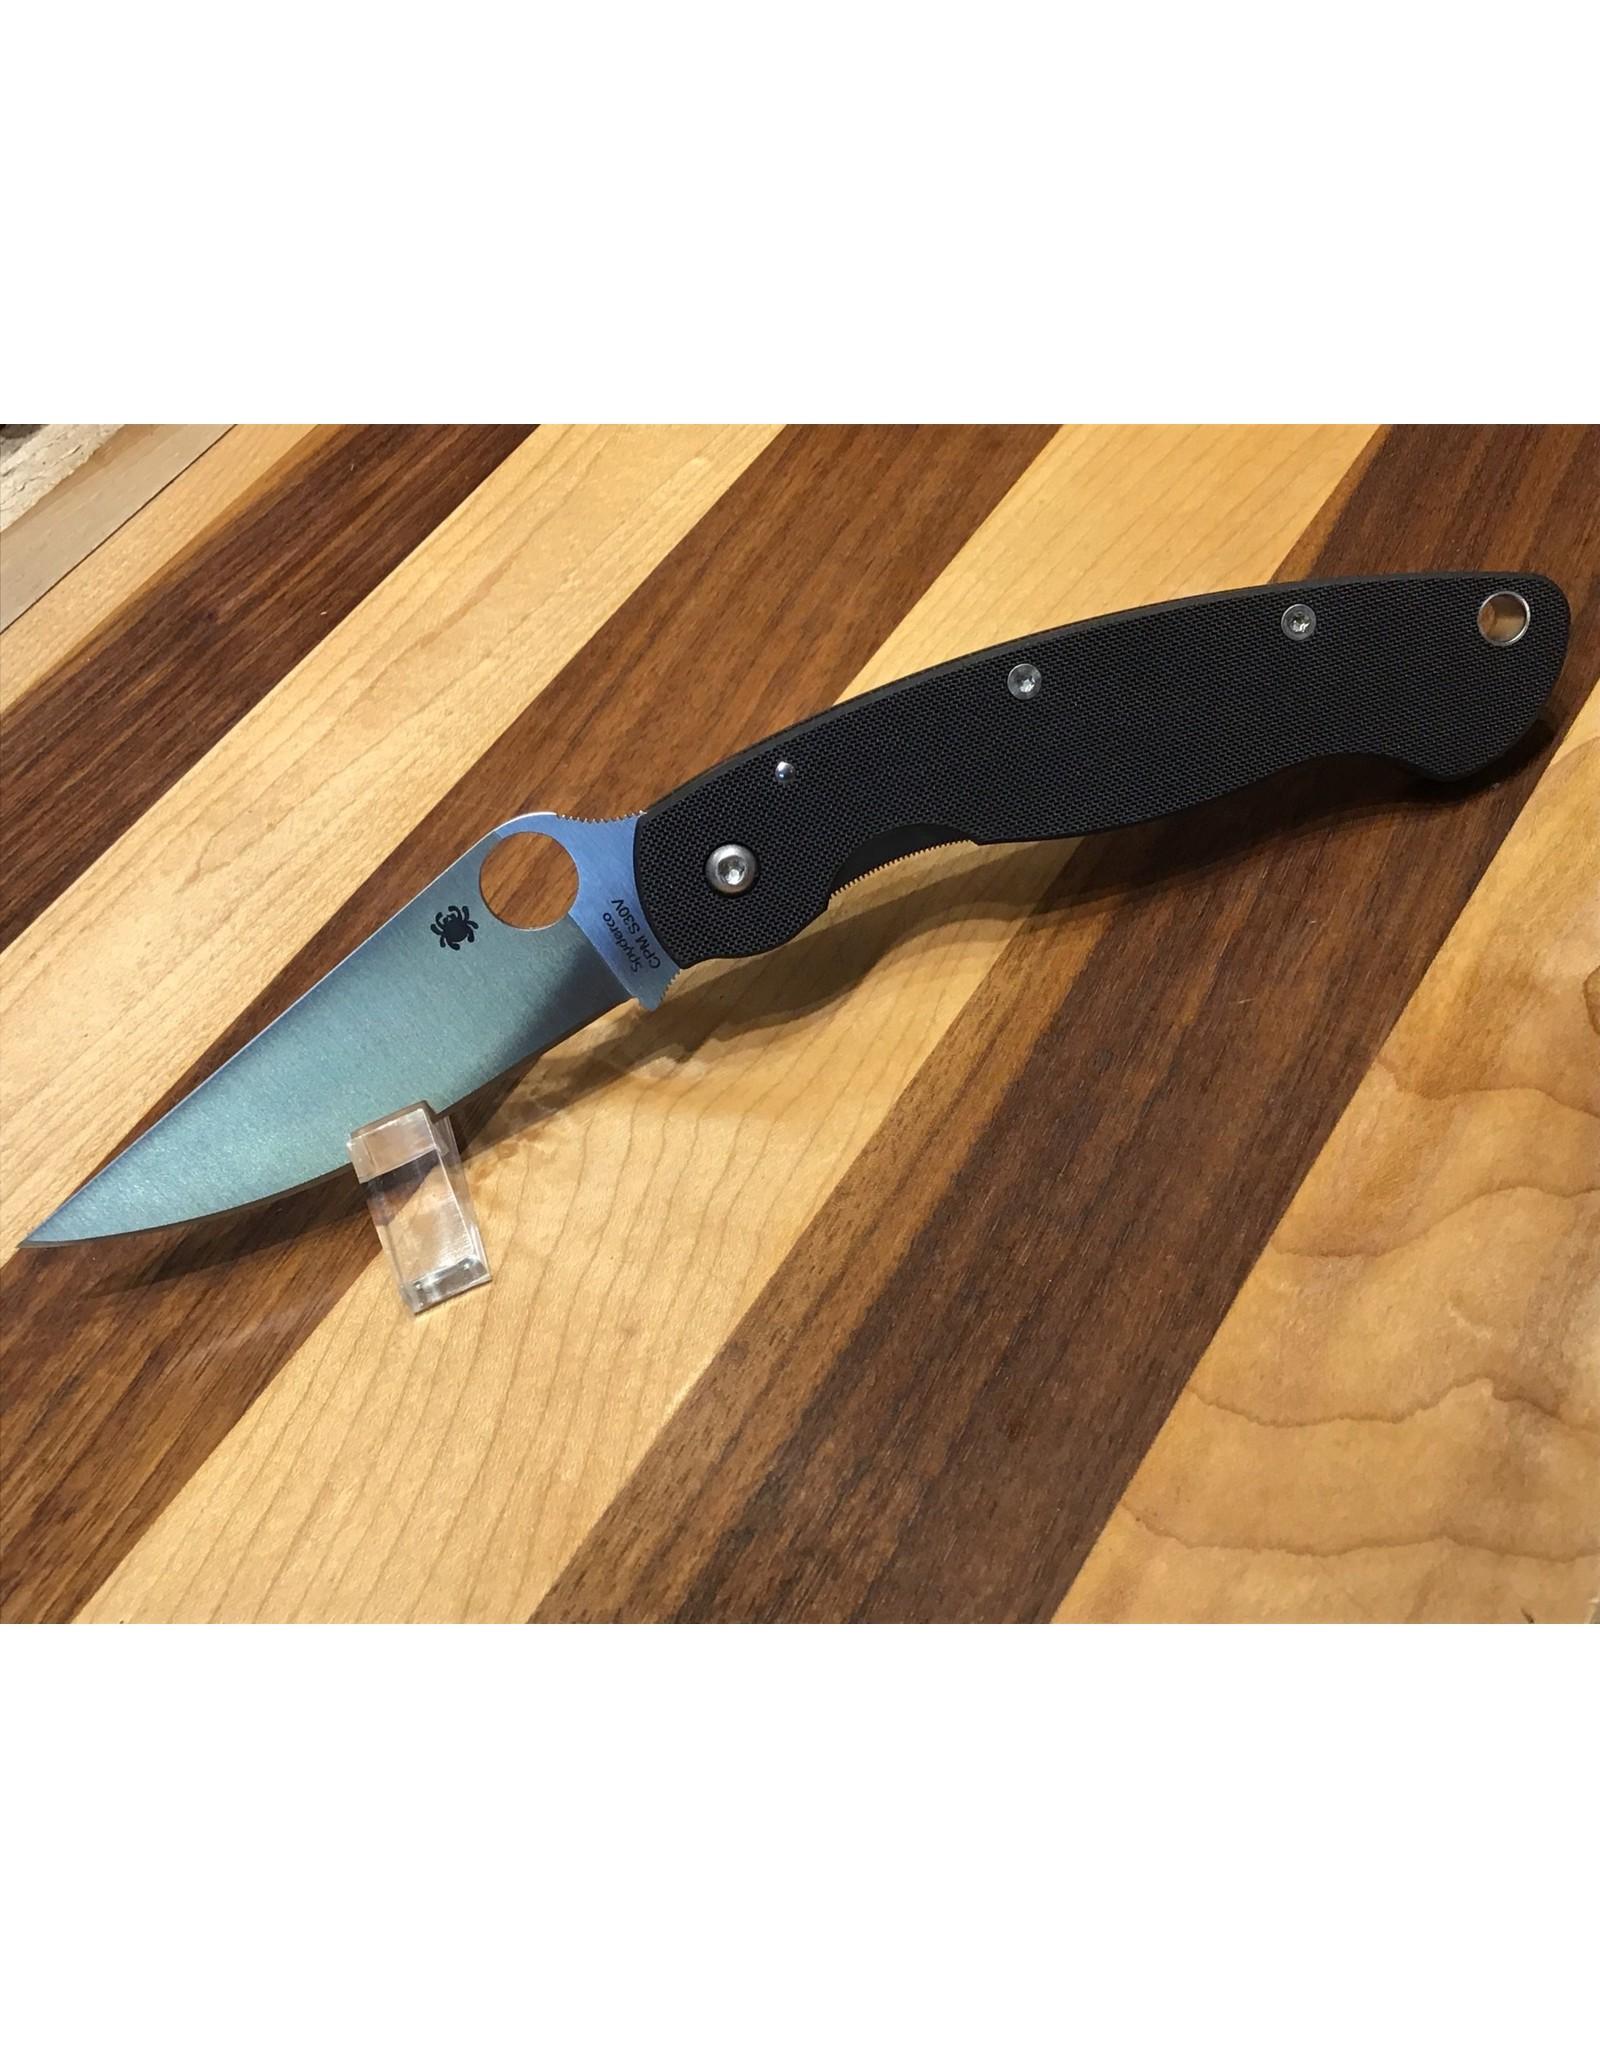 Spyderco Spyderco Military Folding Knife CPM S30V stainless